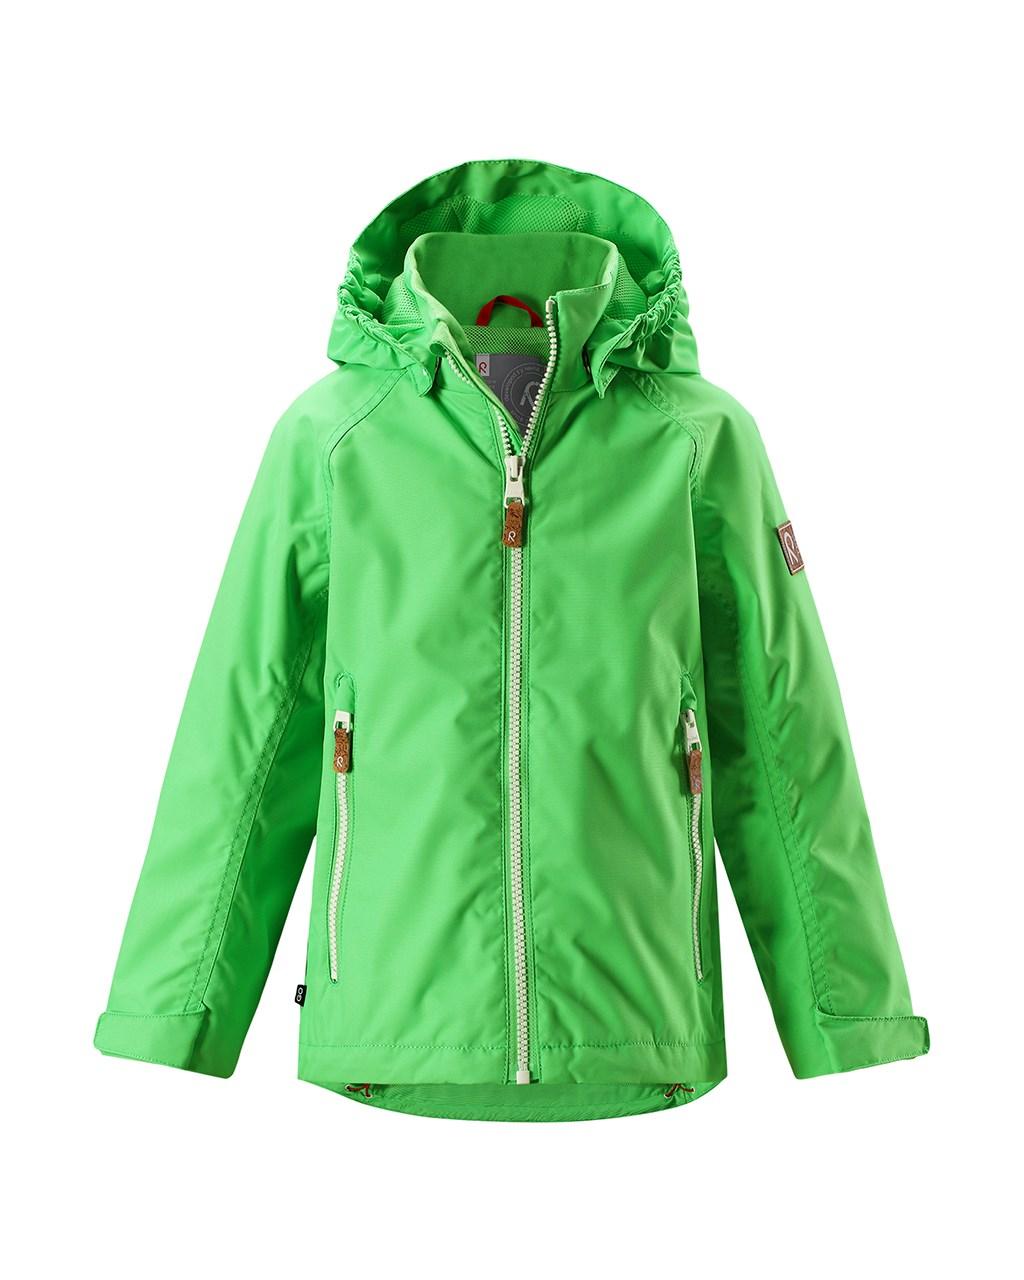 32a838a7d11 Reima. Soutu Reimatec® Jacket JR Soutu Summer Green